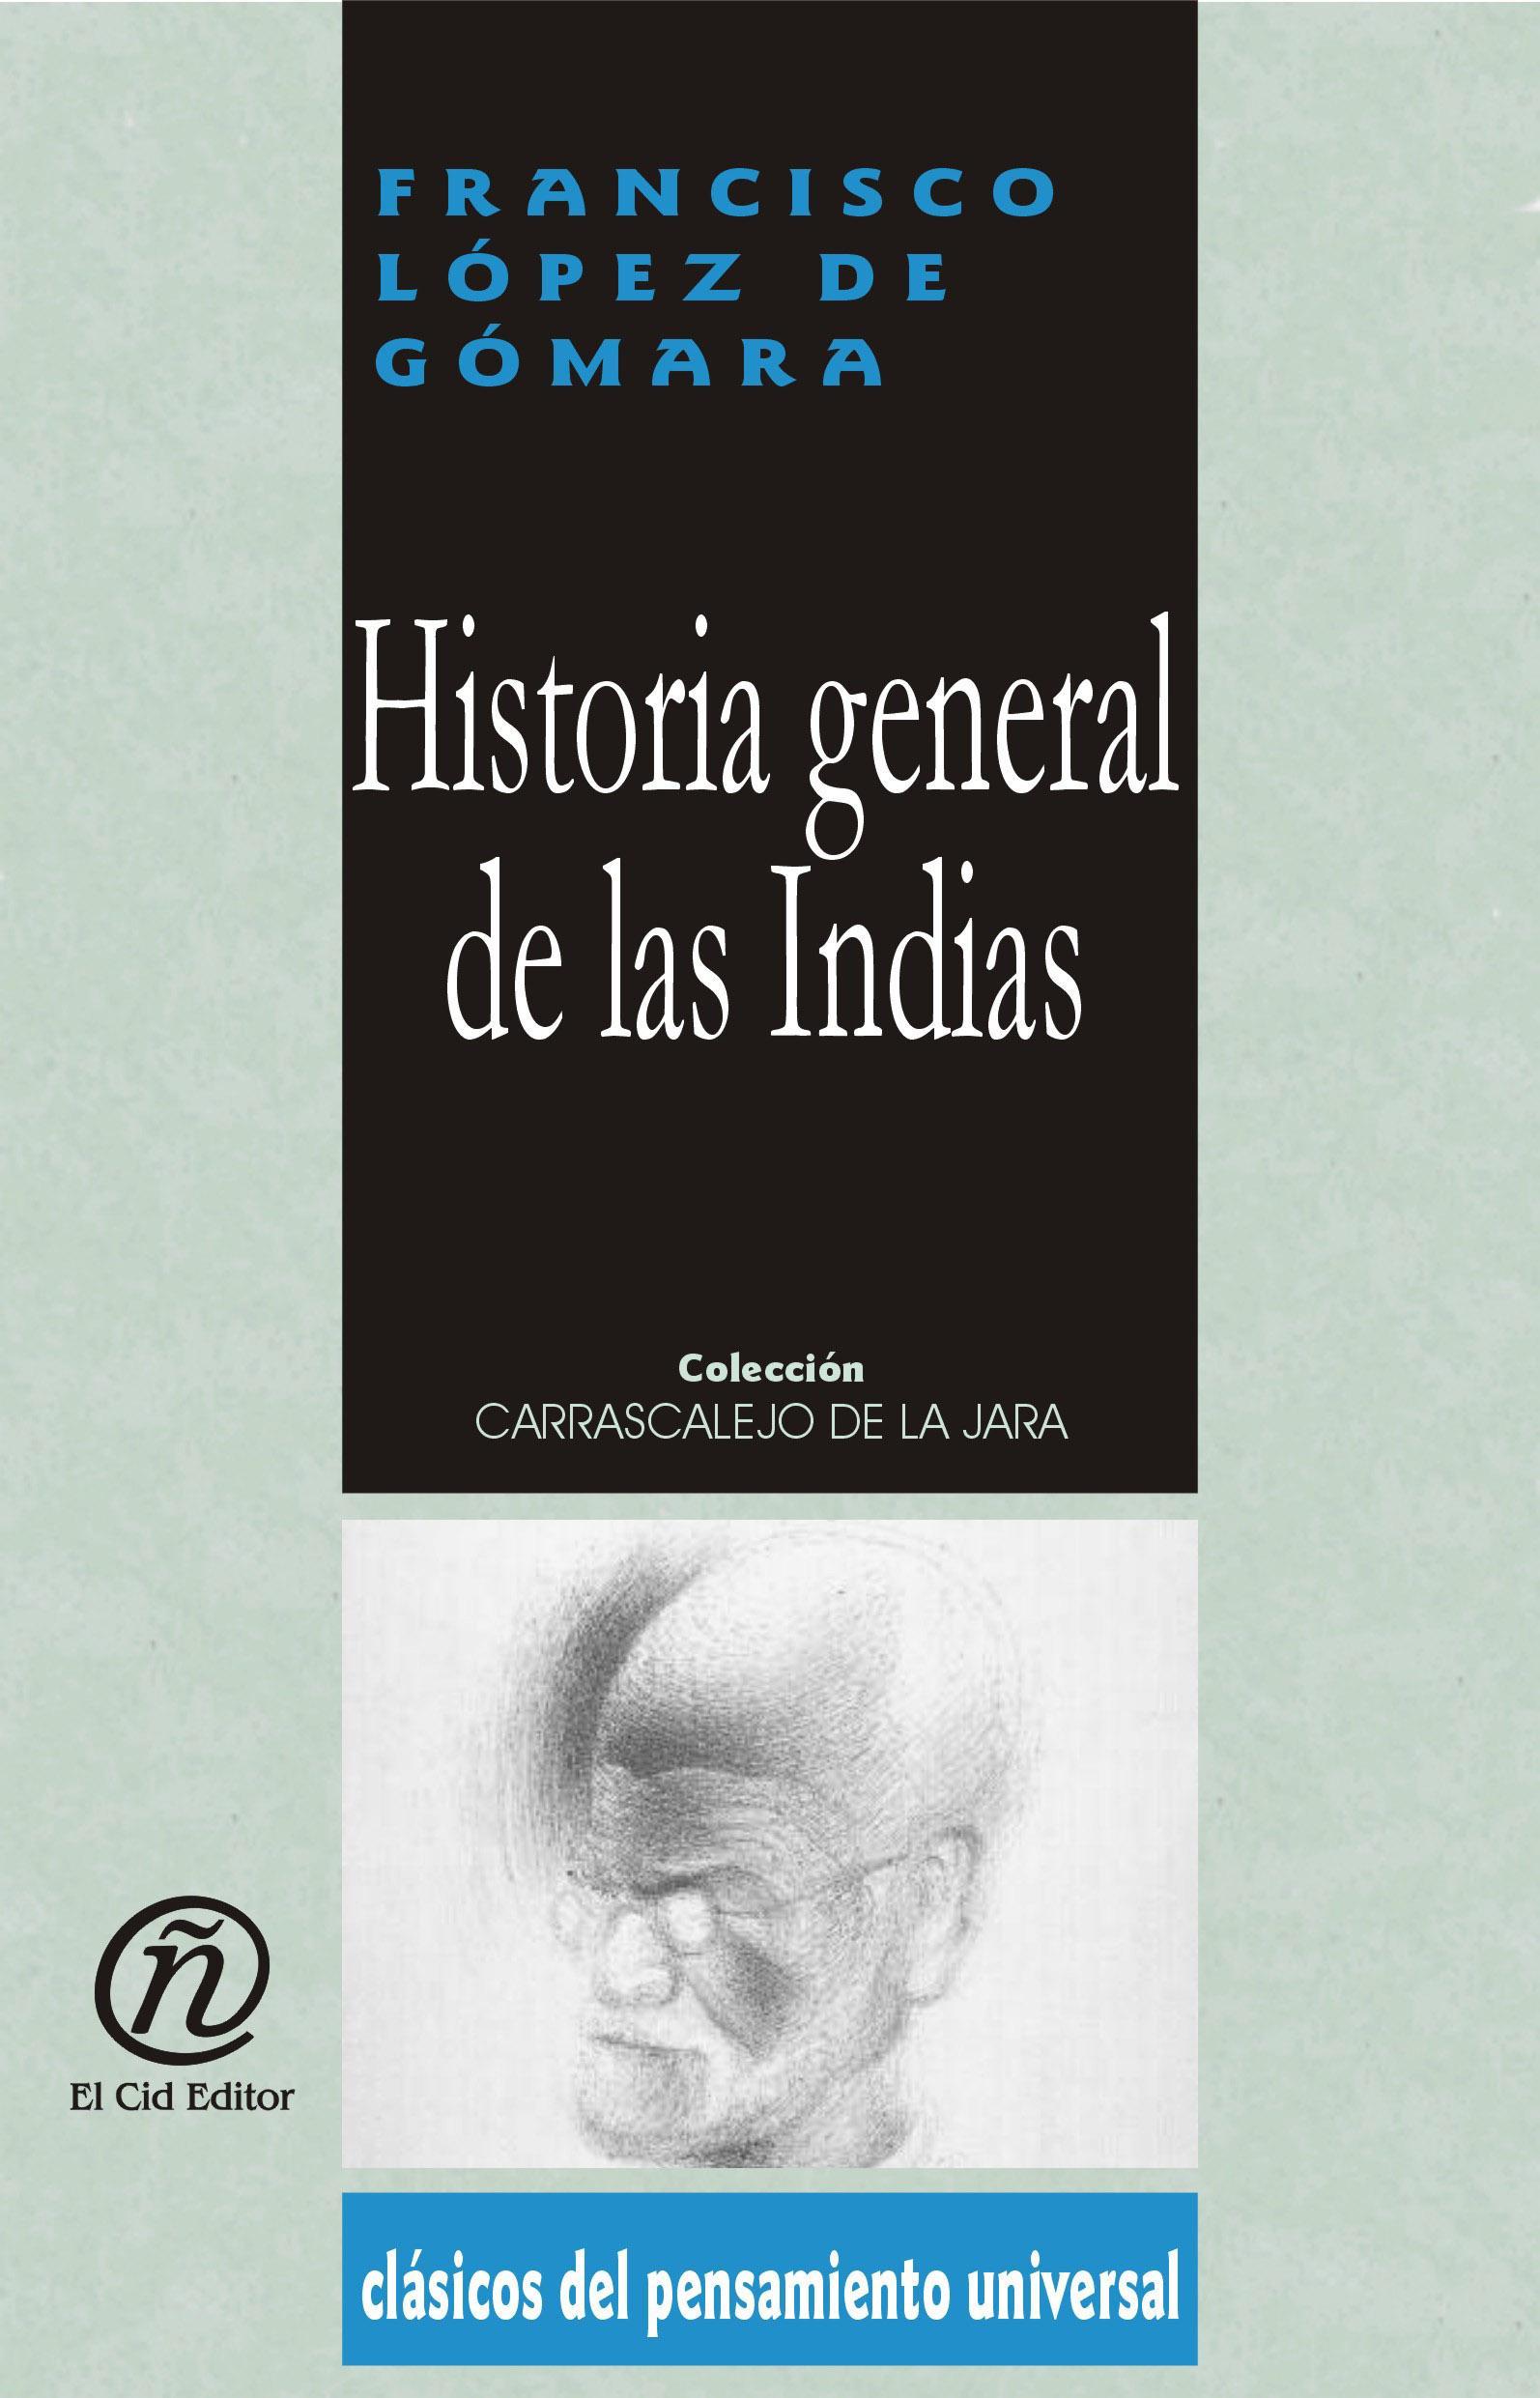 Historia General de las Indias: Colecci?n de Cl?sicos del Pensamiento Universal